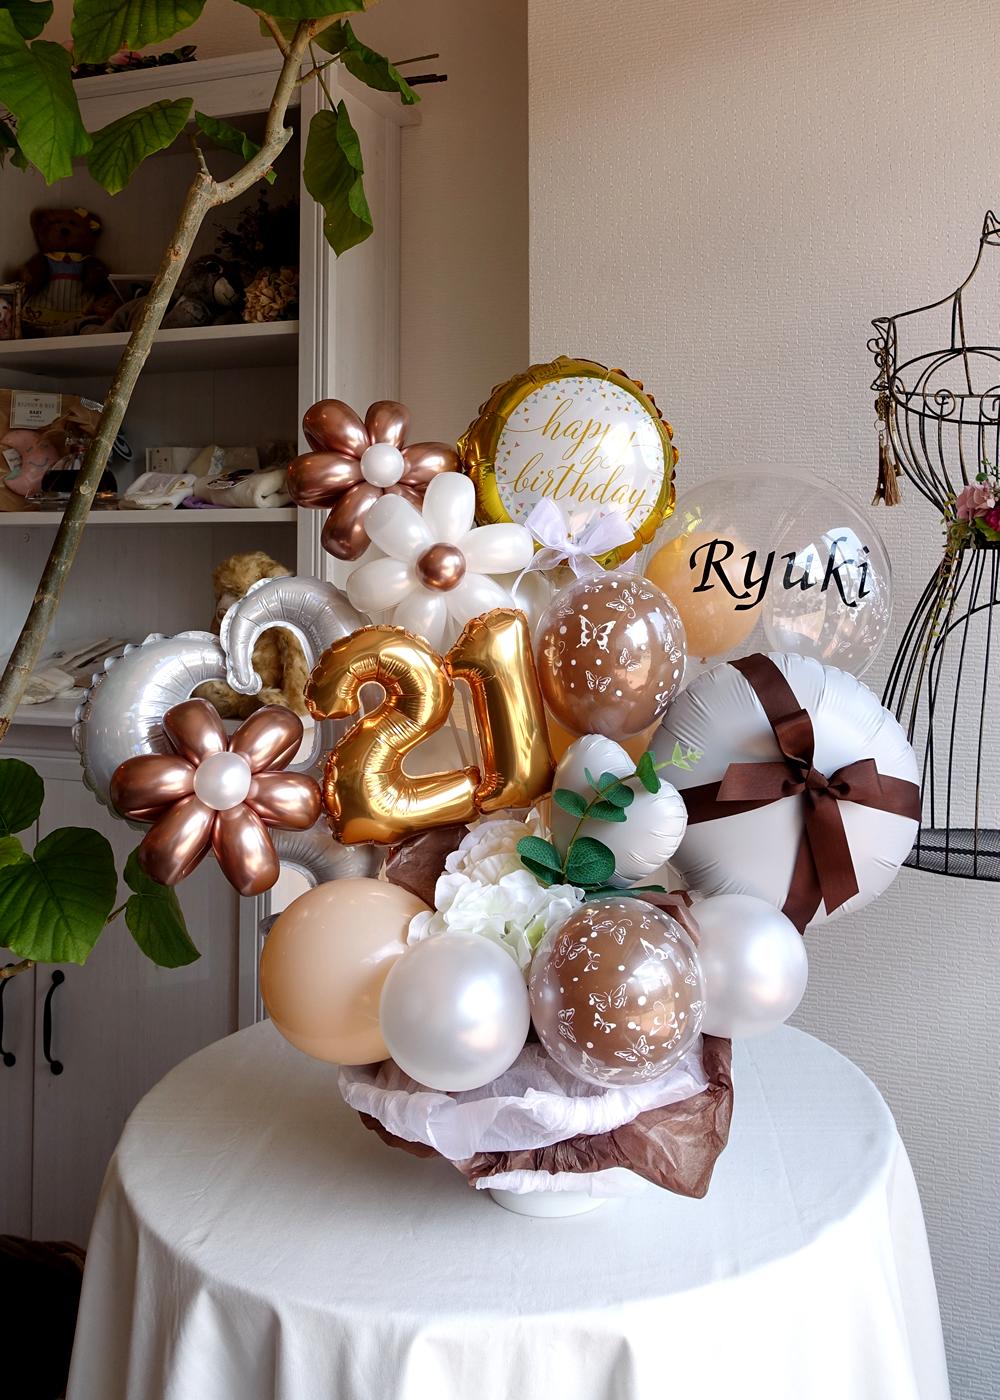 バルーンギフト 卓上 バルーンアレンジ 文字入れ 誕生日 バースデー お祝い プレゼント バルーンギフト通販ショップ KOO-DOO